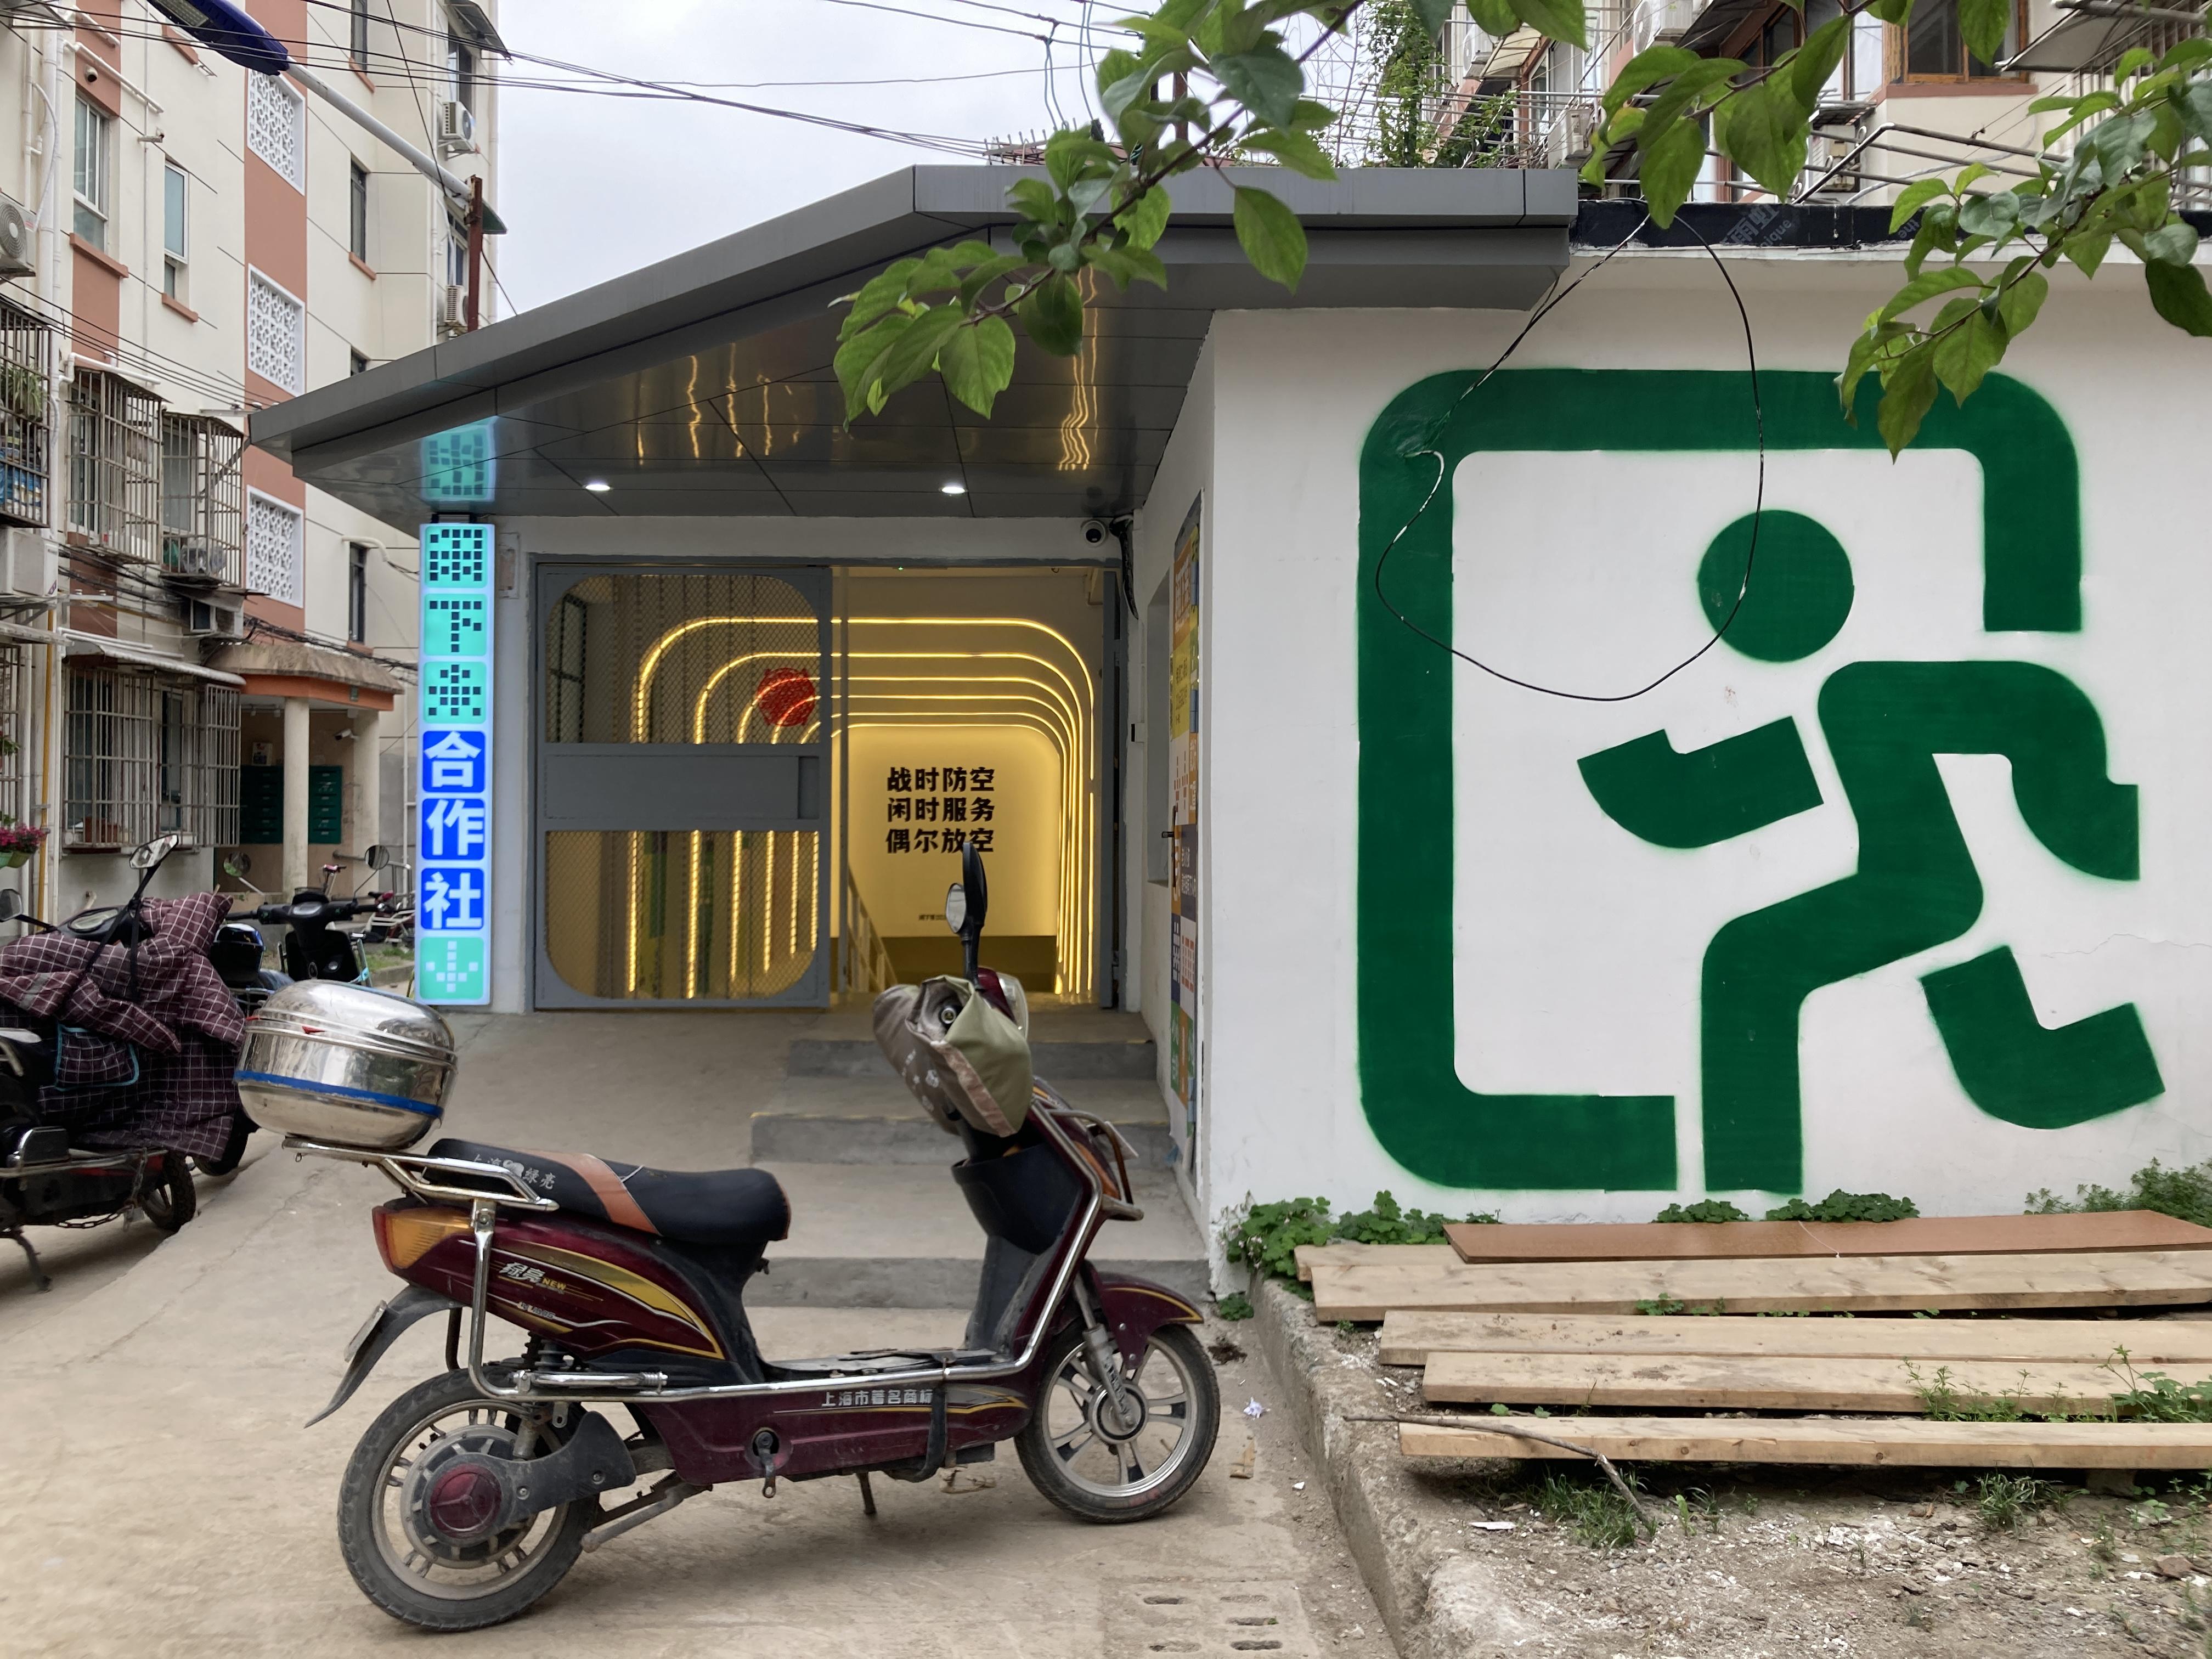 """由居民小区里的防空洞改造而成的""""闲下来合作社""""入口。 澎湃新闻记者 沈健文 摄"""